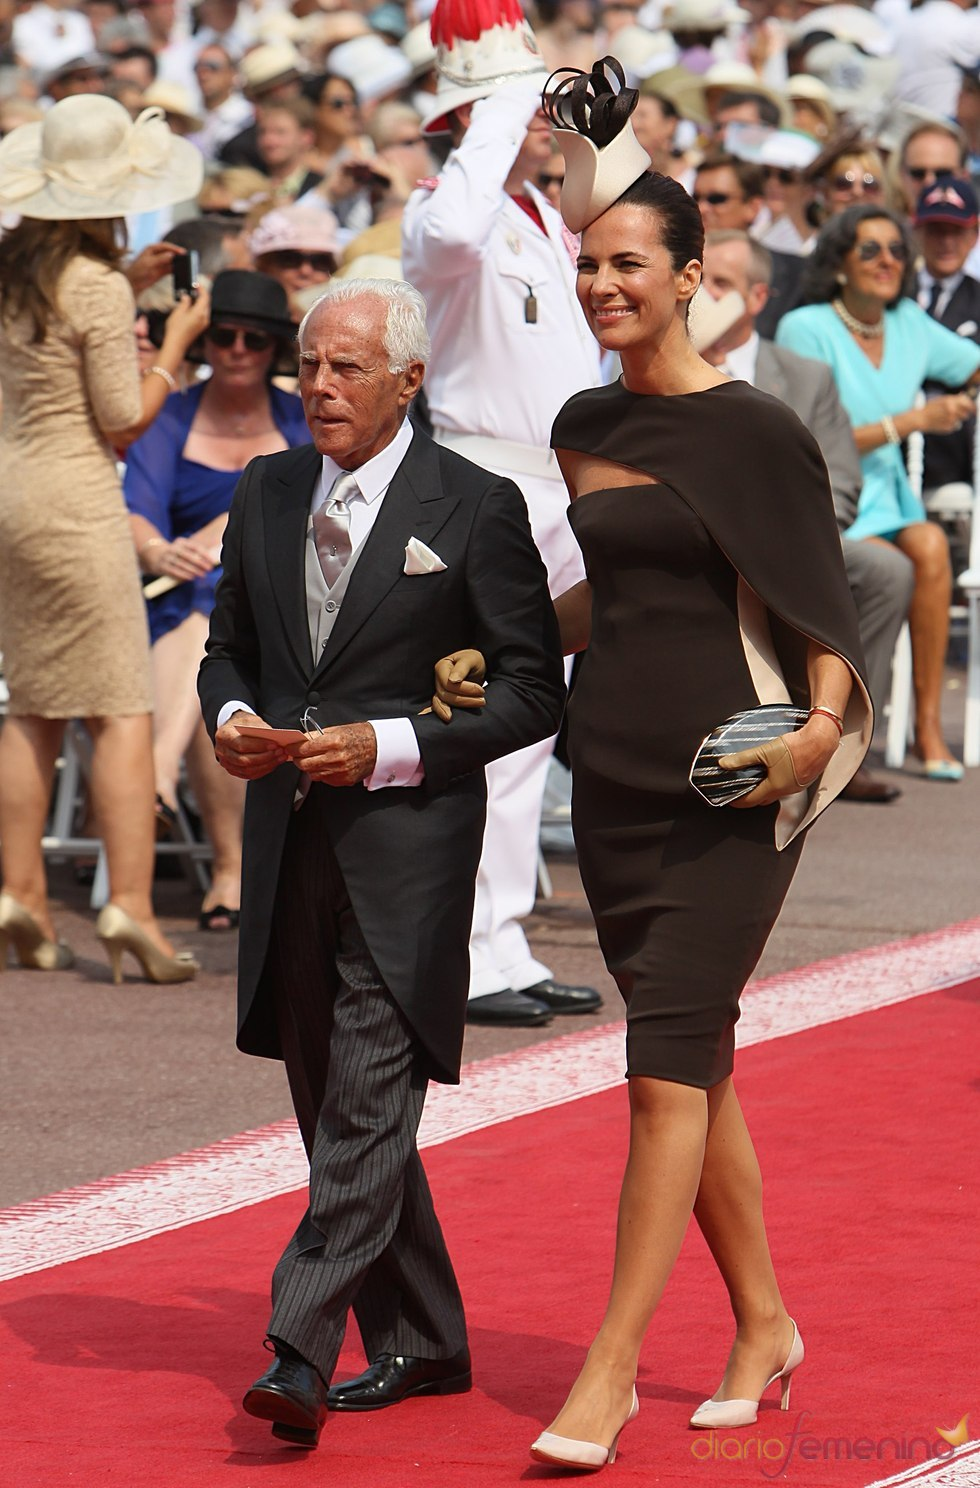 Giorgio Armani llega a la ceremonia religiosa de la Boda Real de Mónaco